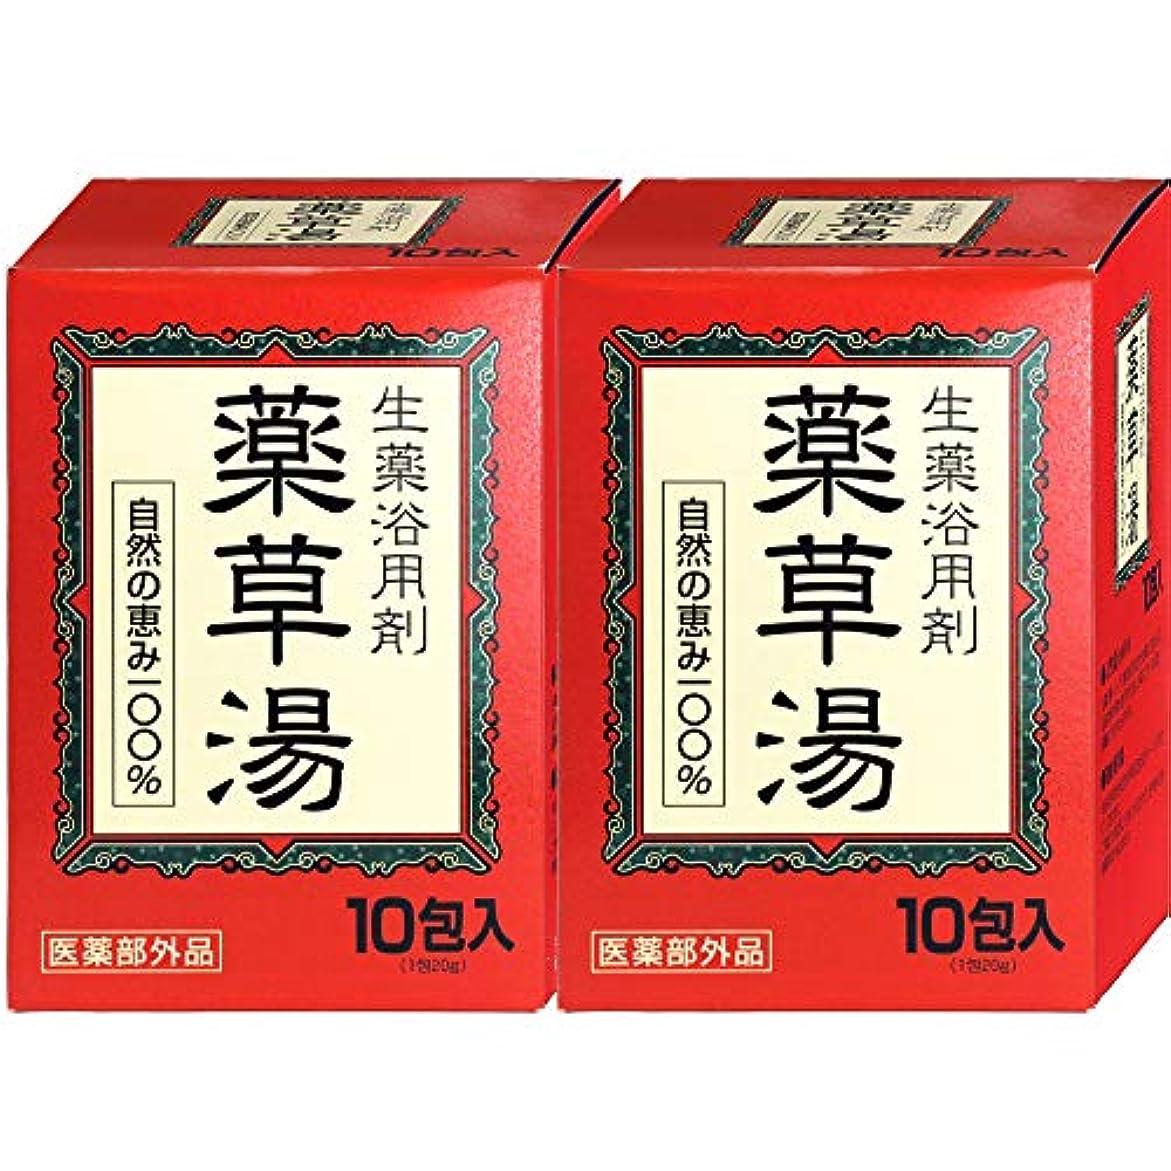 編集者微生物ドア薬草湯 生薬浴用剤 10包入 【2個セット】自然の恵み100% 医薬部外品